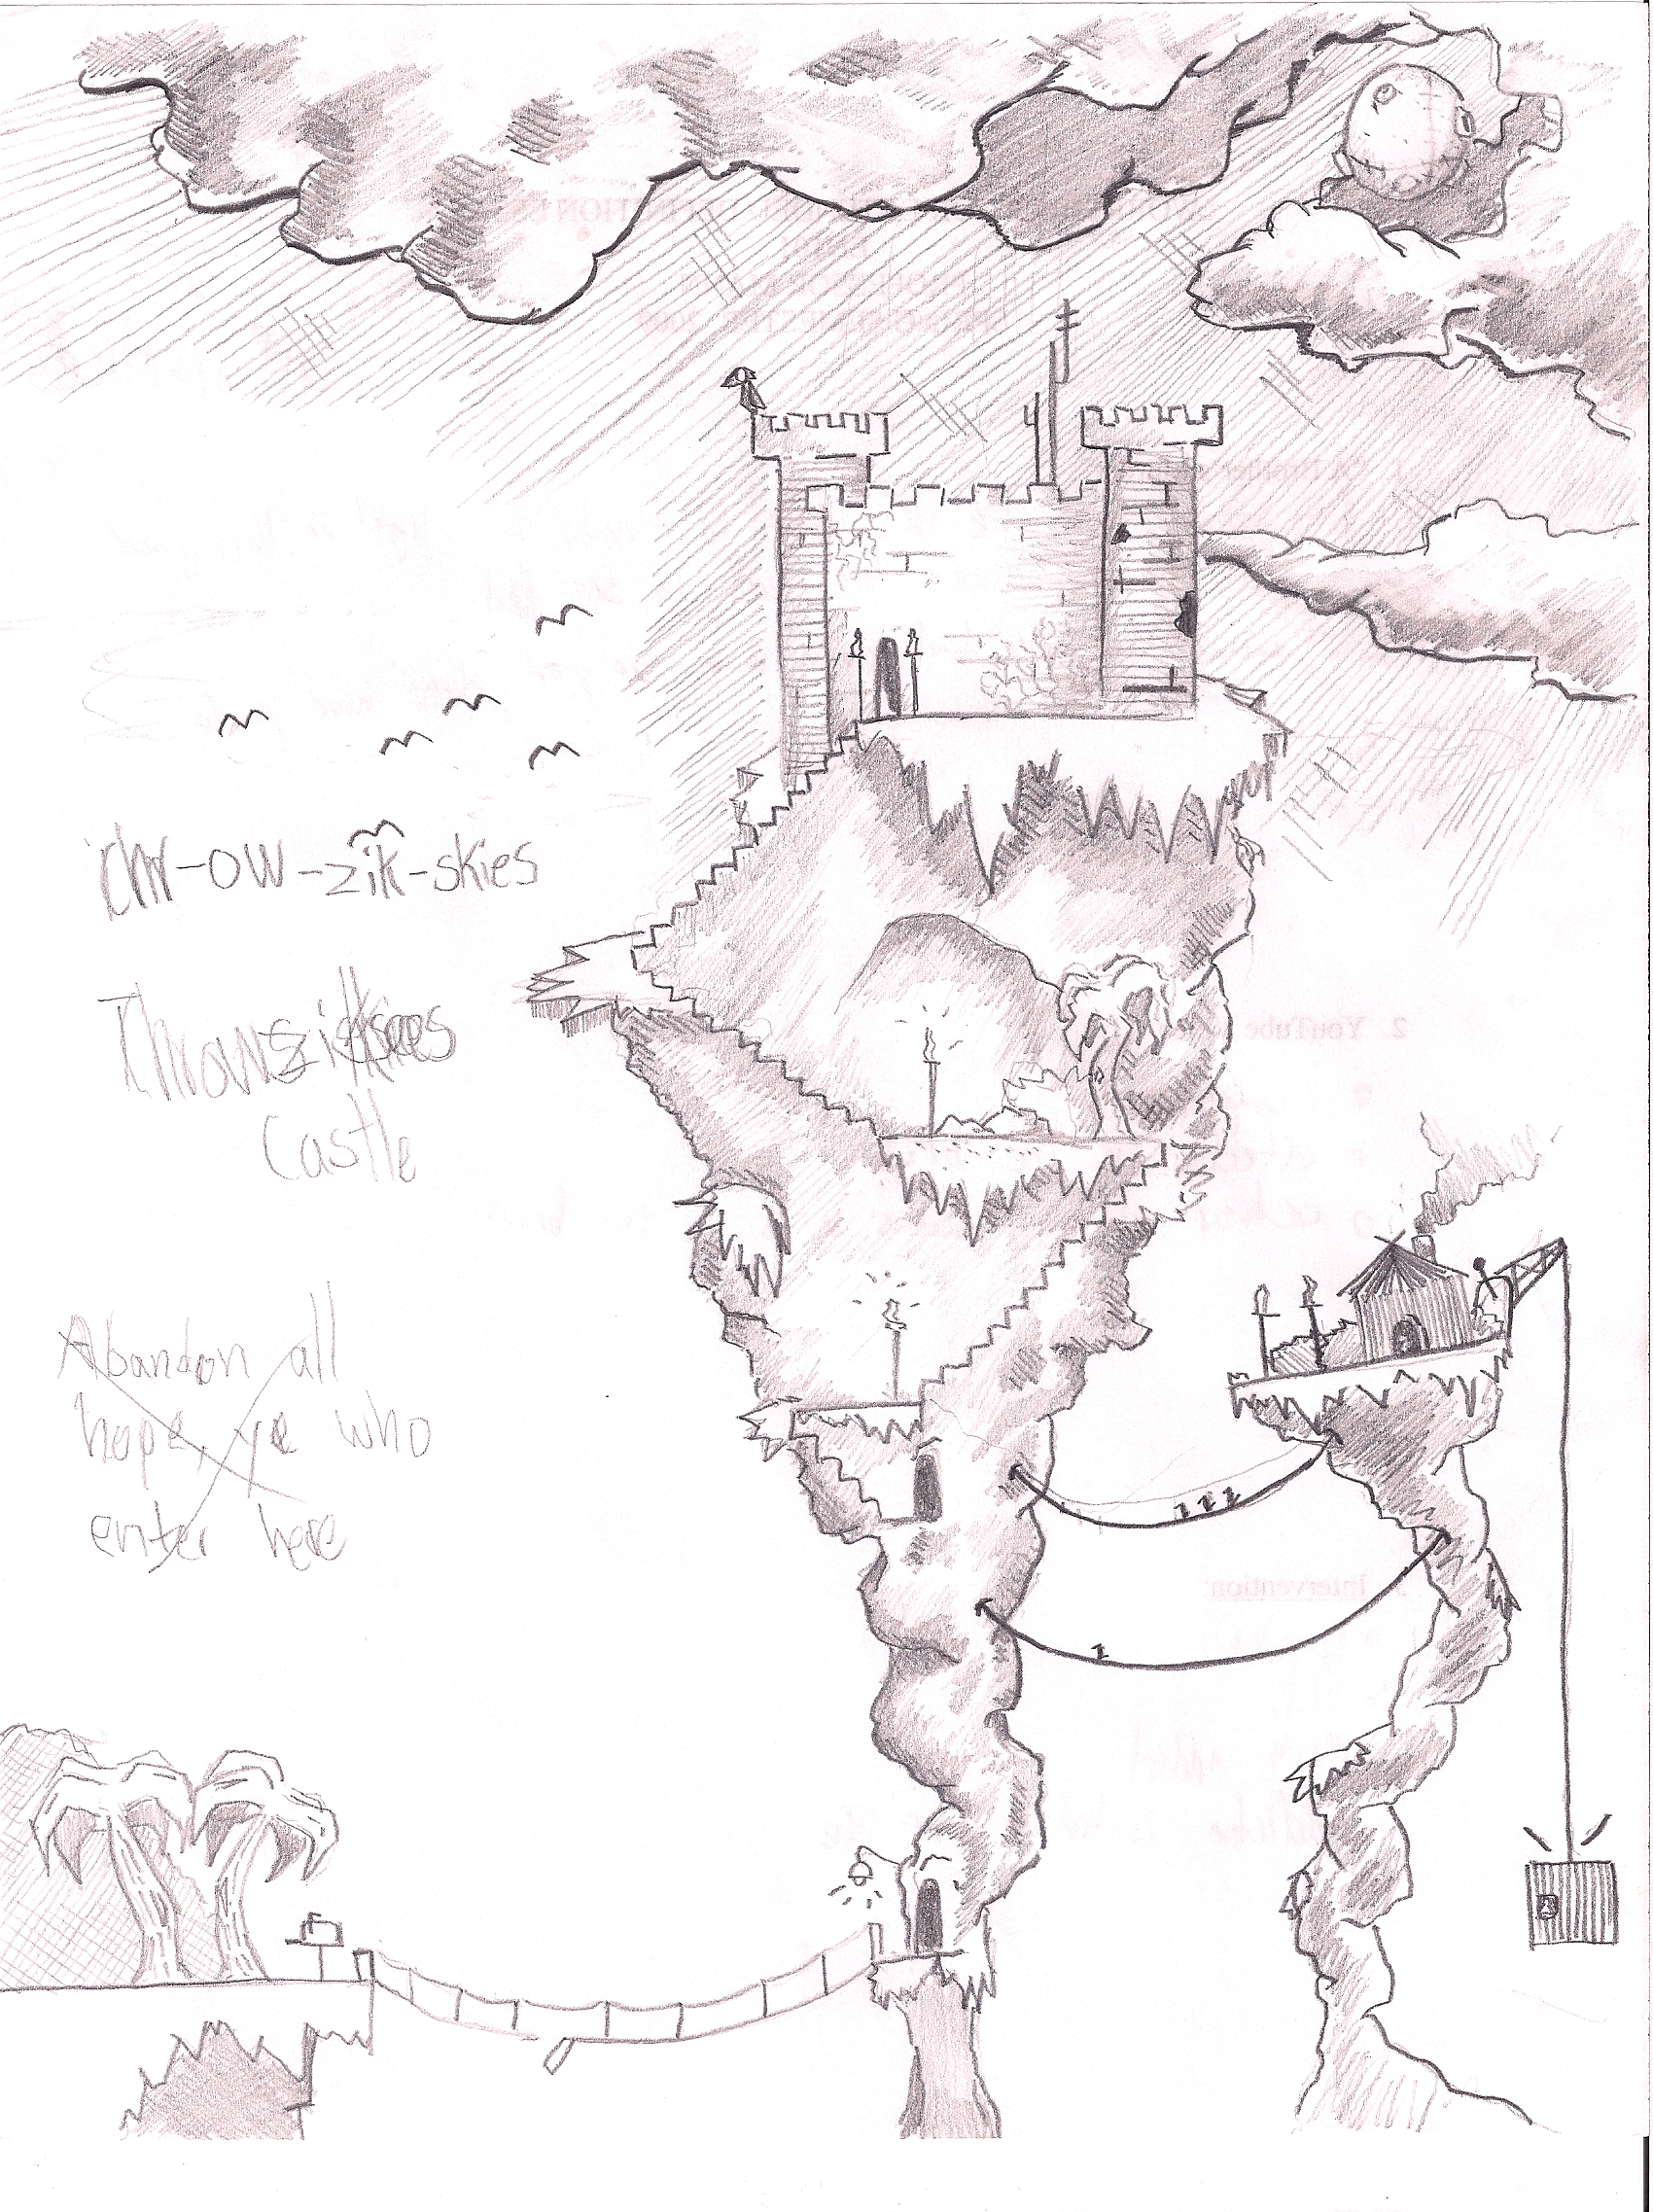 Chr-ow-zik-skies Castle